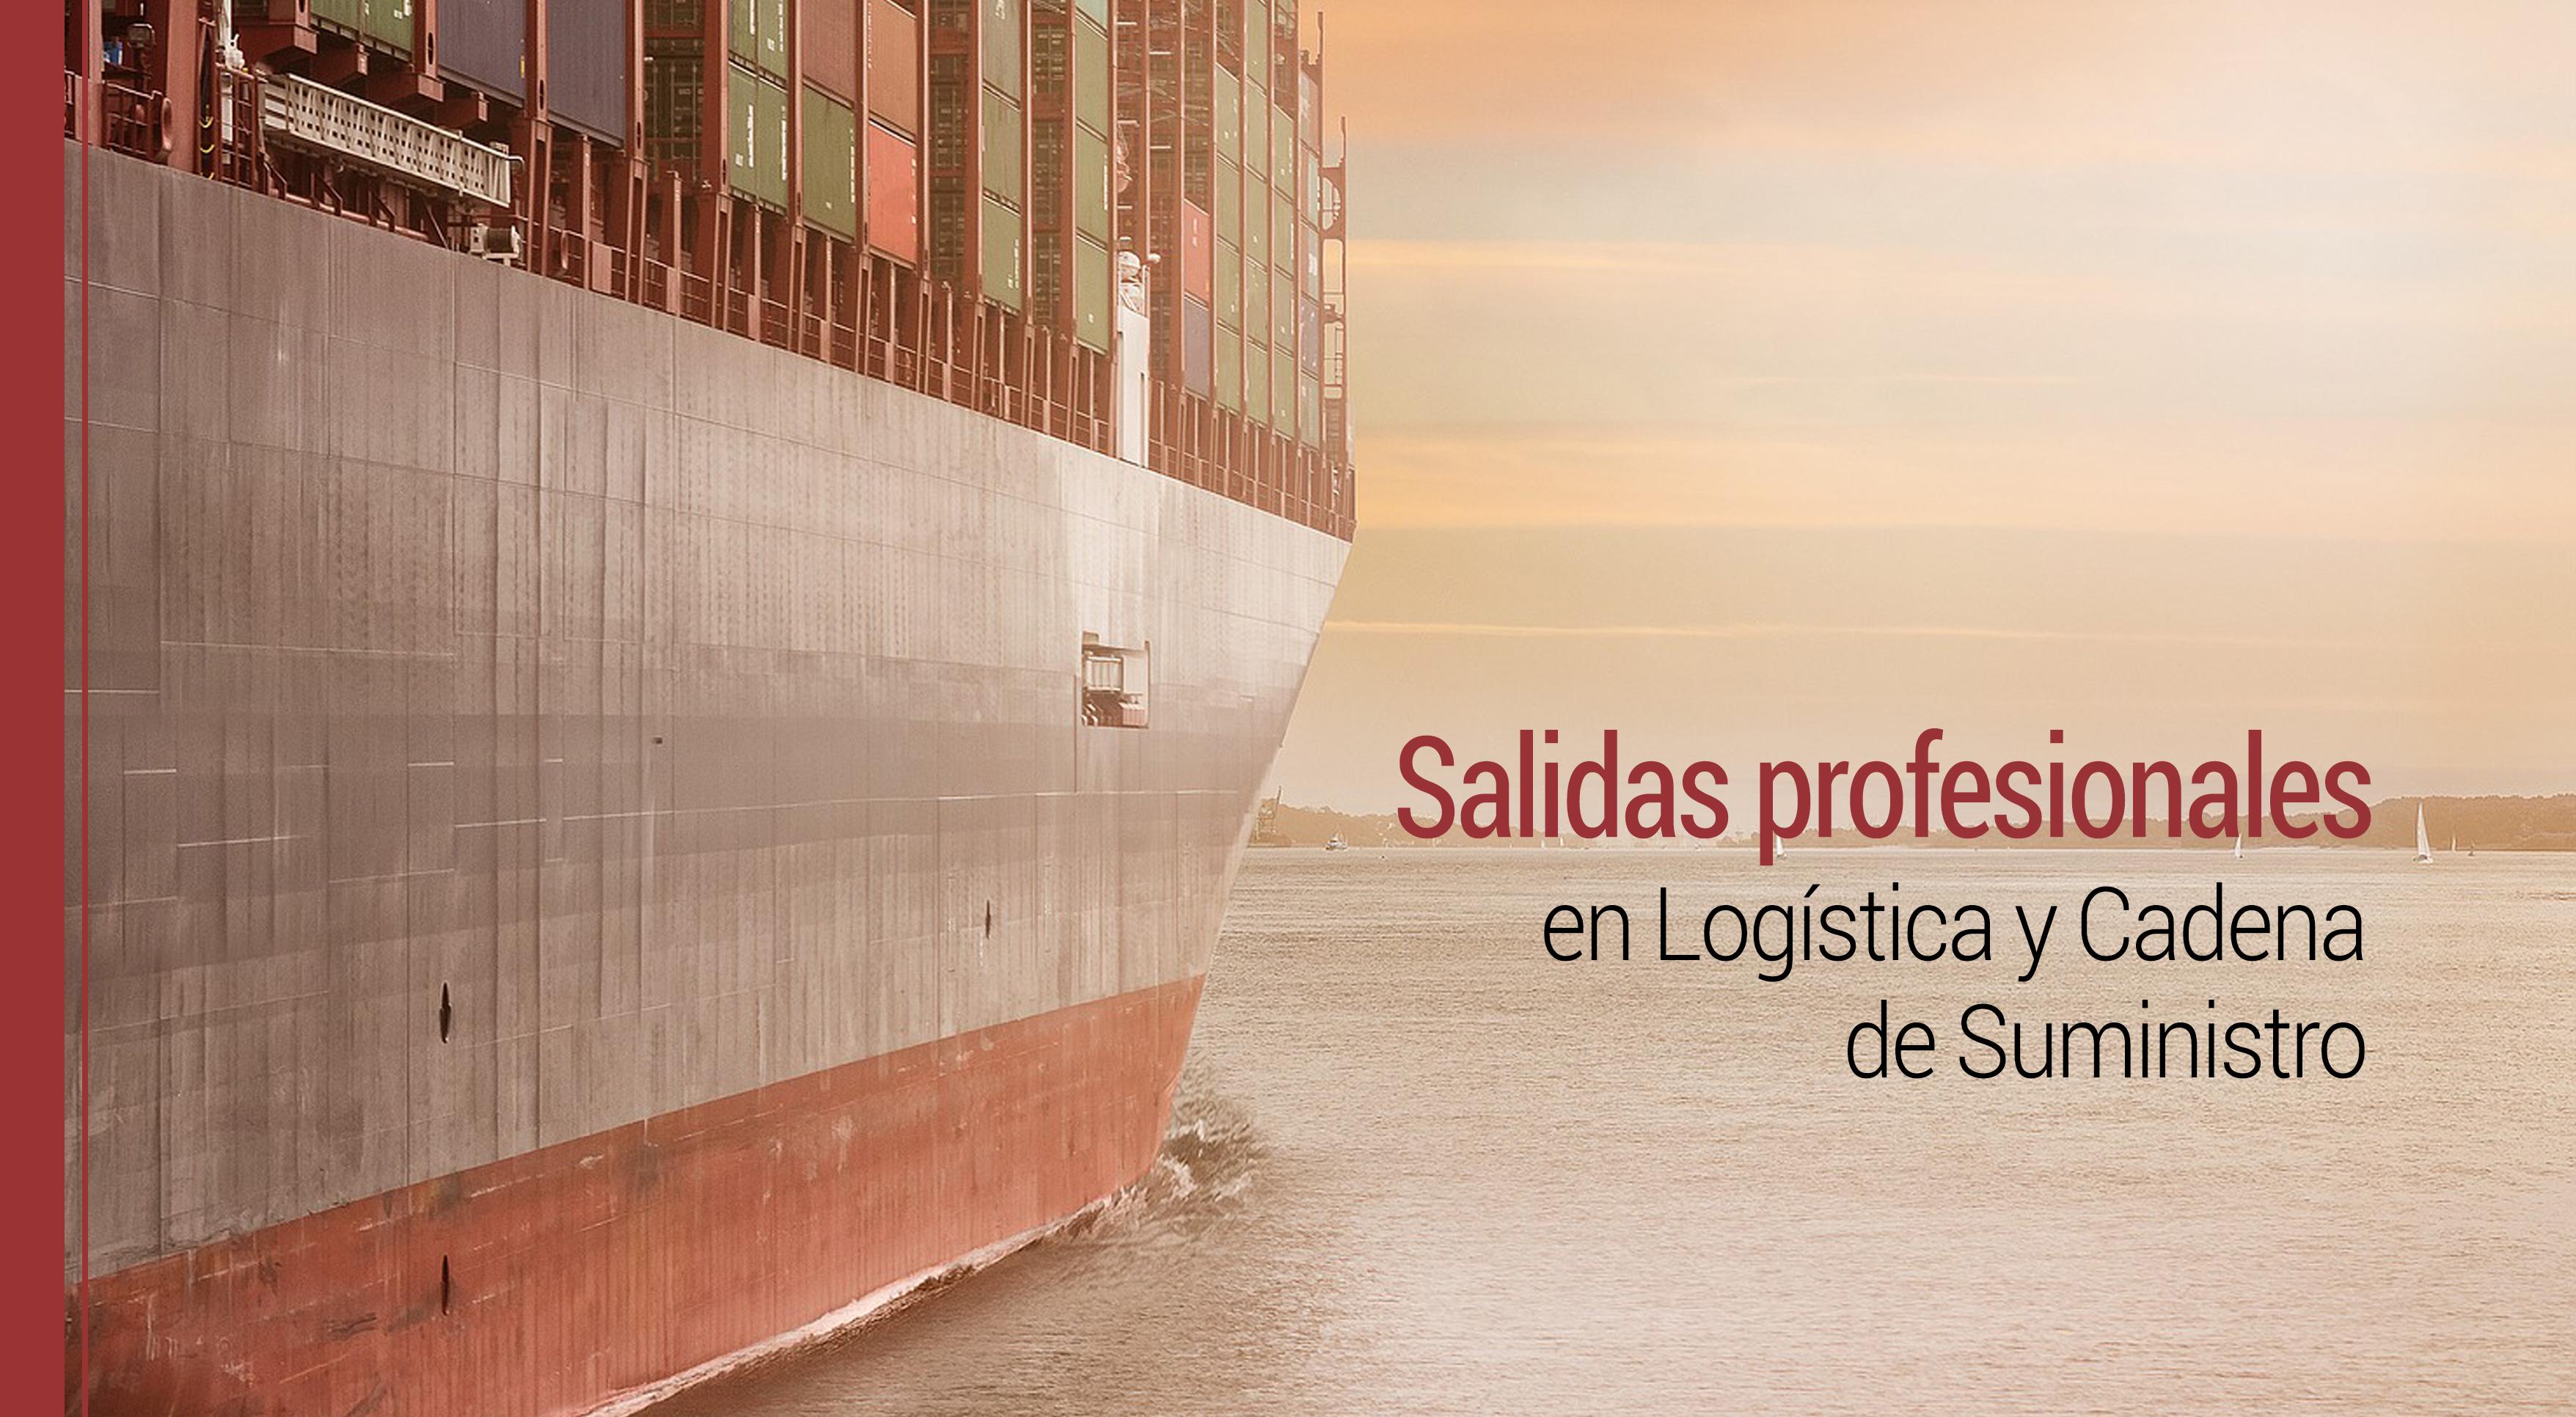 salidas profesionales en logistica y cadena de suministro